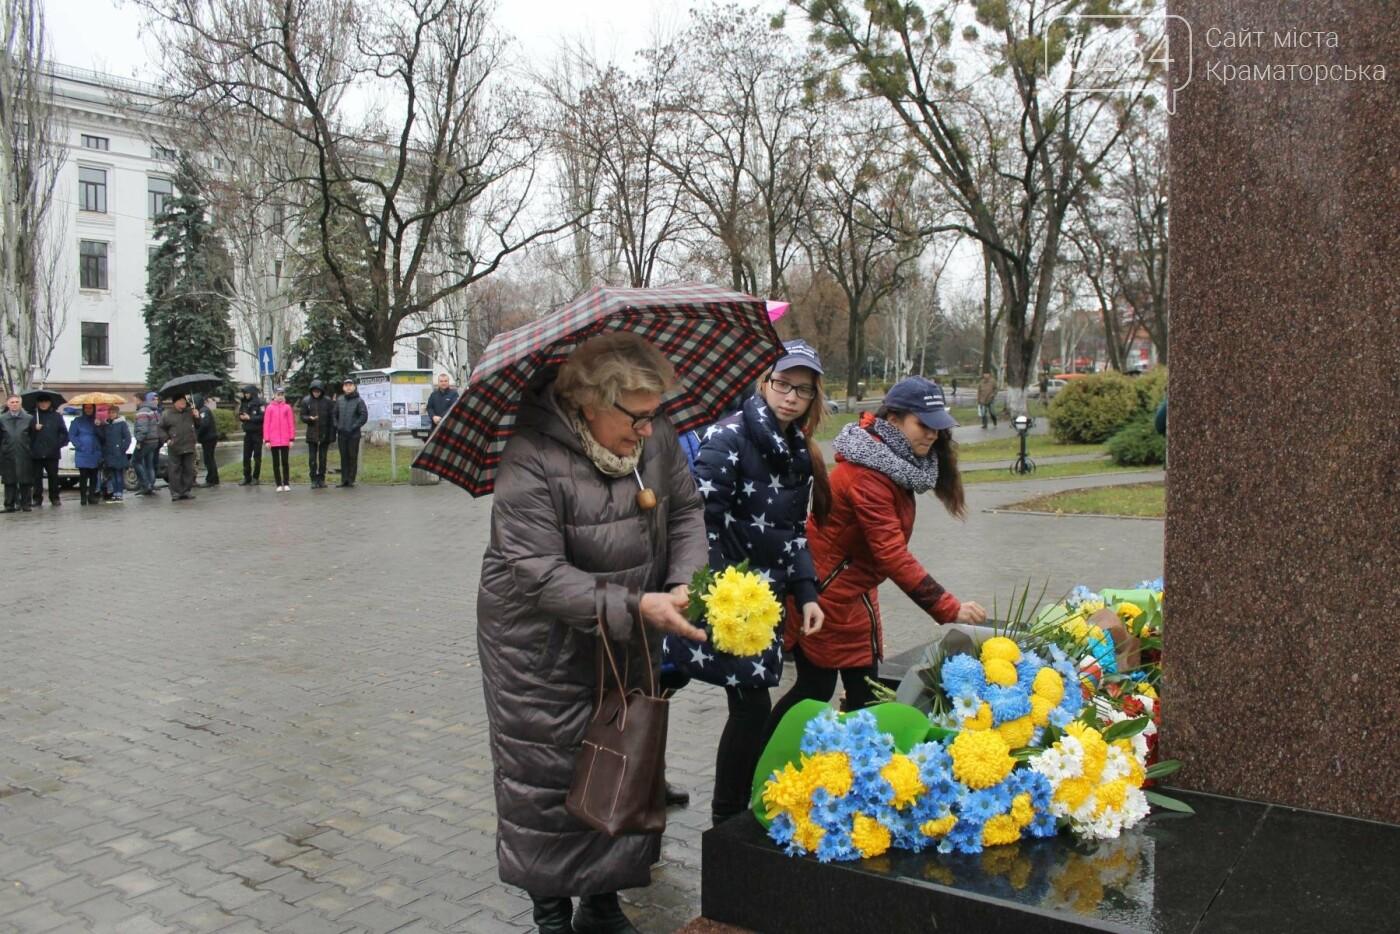 В Краматорске прошел митинг ко Дню Достоинства и Свободы, фото-6